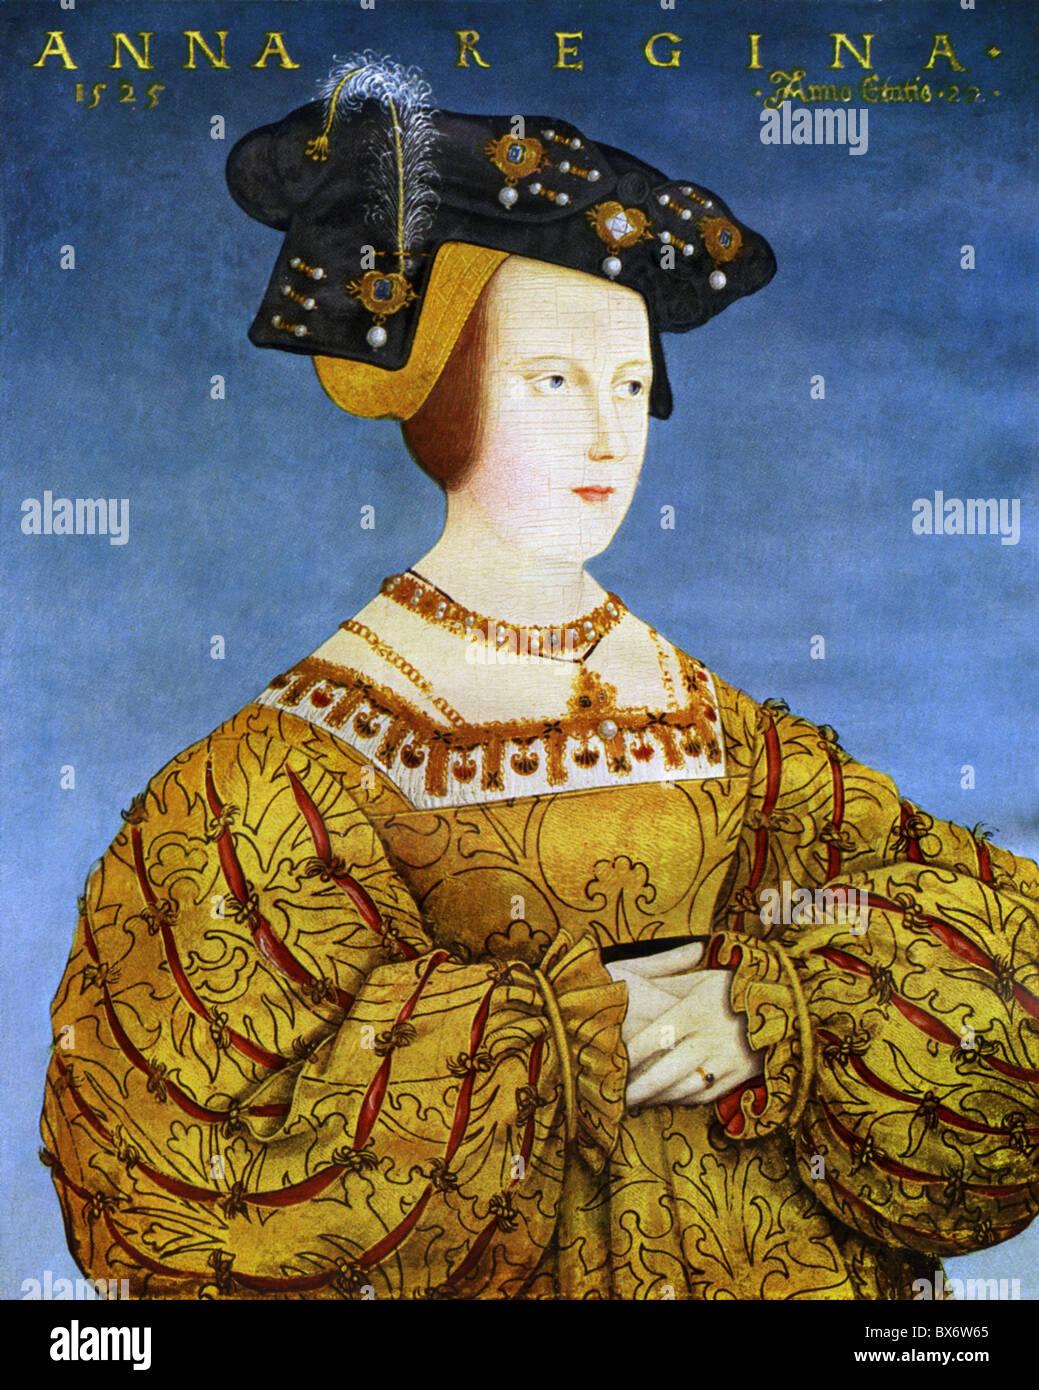 Anna, 23.7.1503 - 27.1.1547, Königin der Römer 5.1.1531 - 27.1.1547, Porträt, nach Gemälde von Stockbild